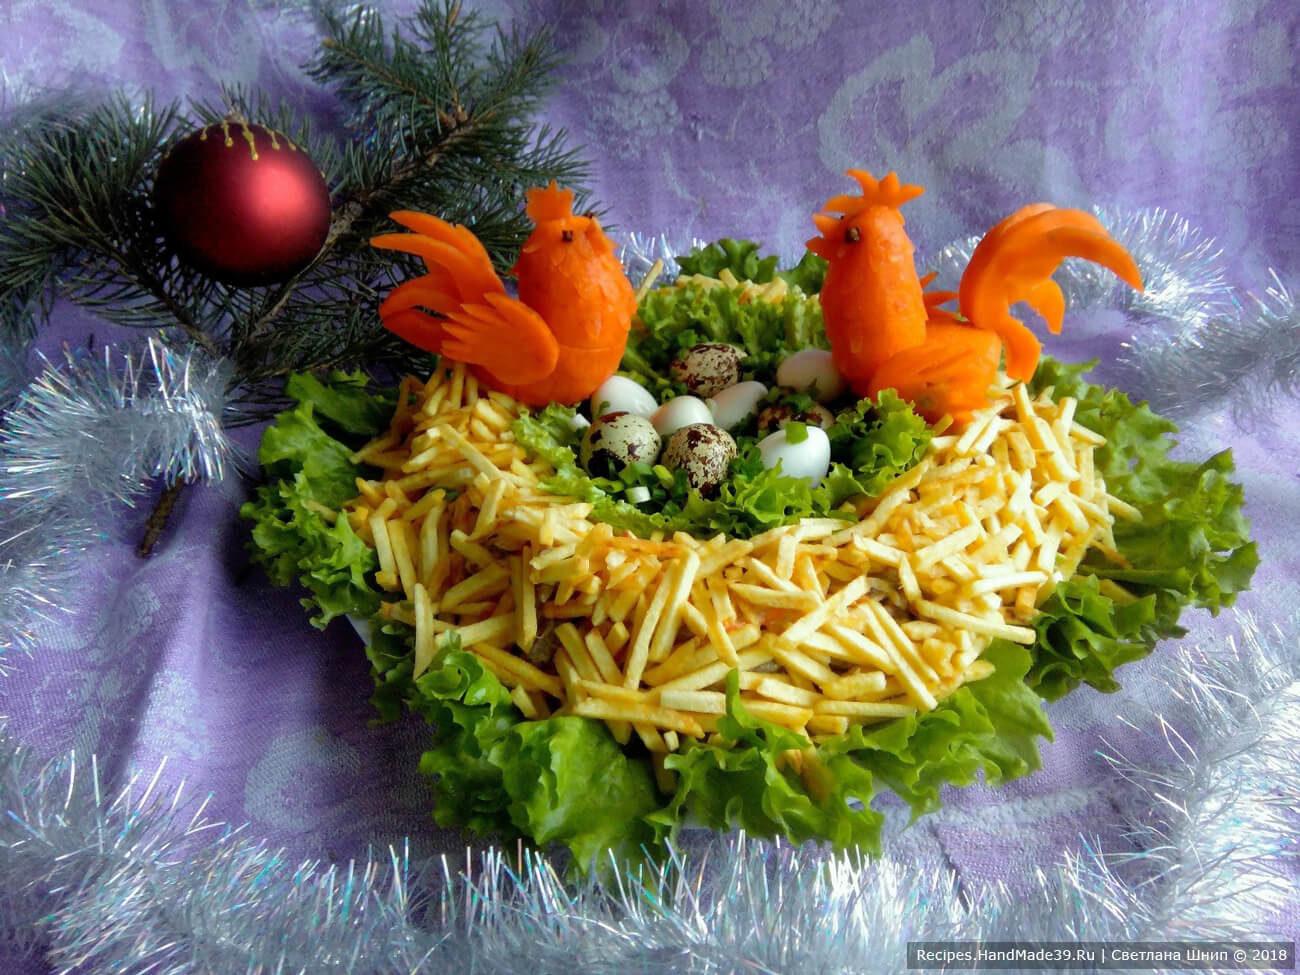 Салат «Гнездо» с куриными желудками, яйцами и картофелем фри